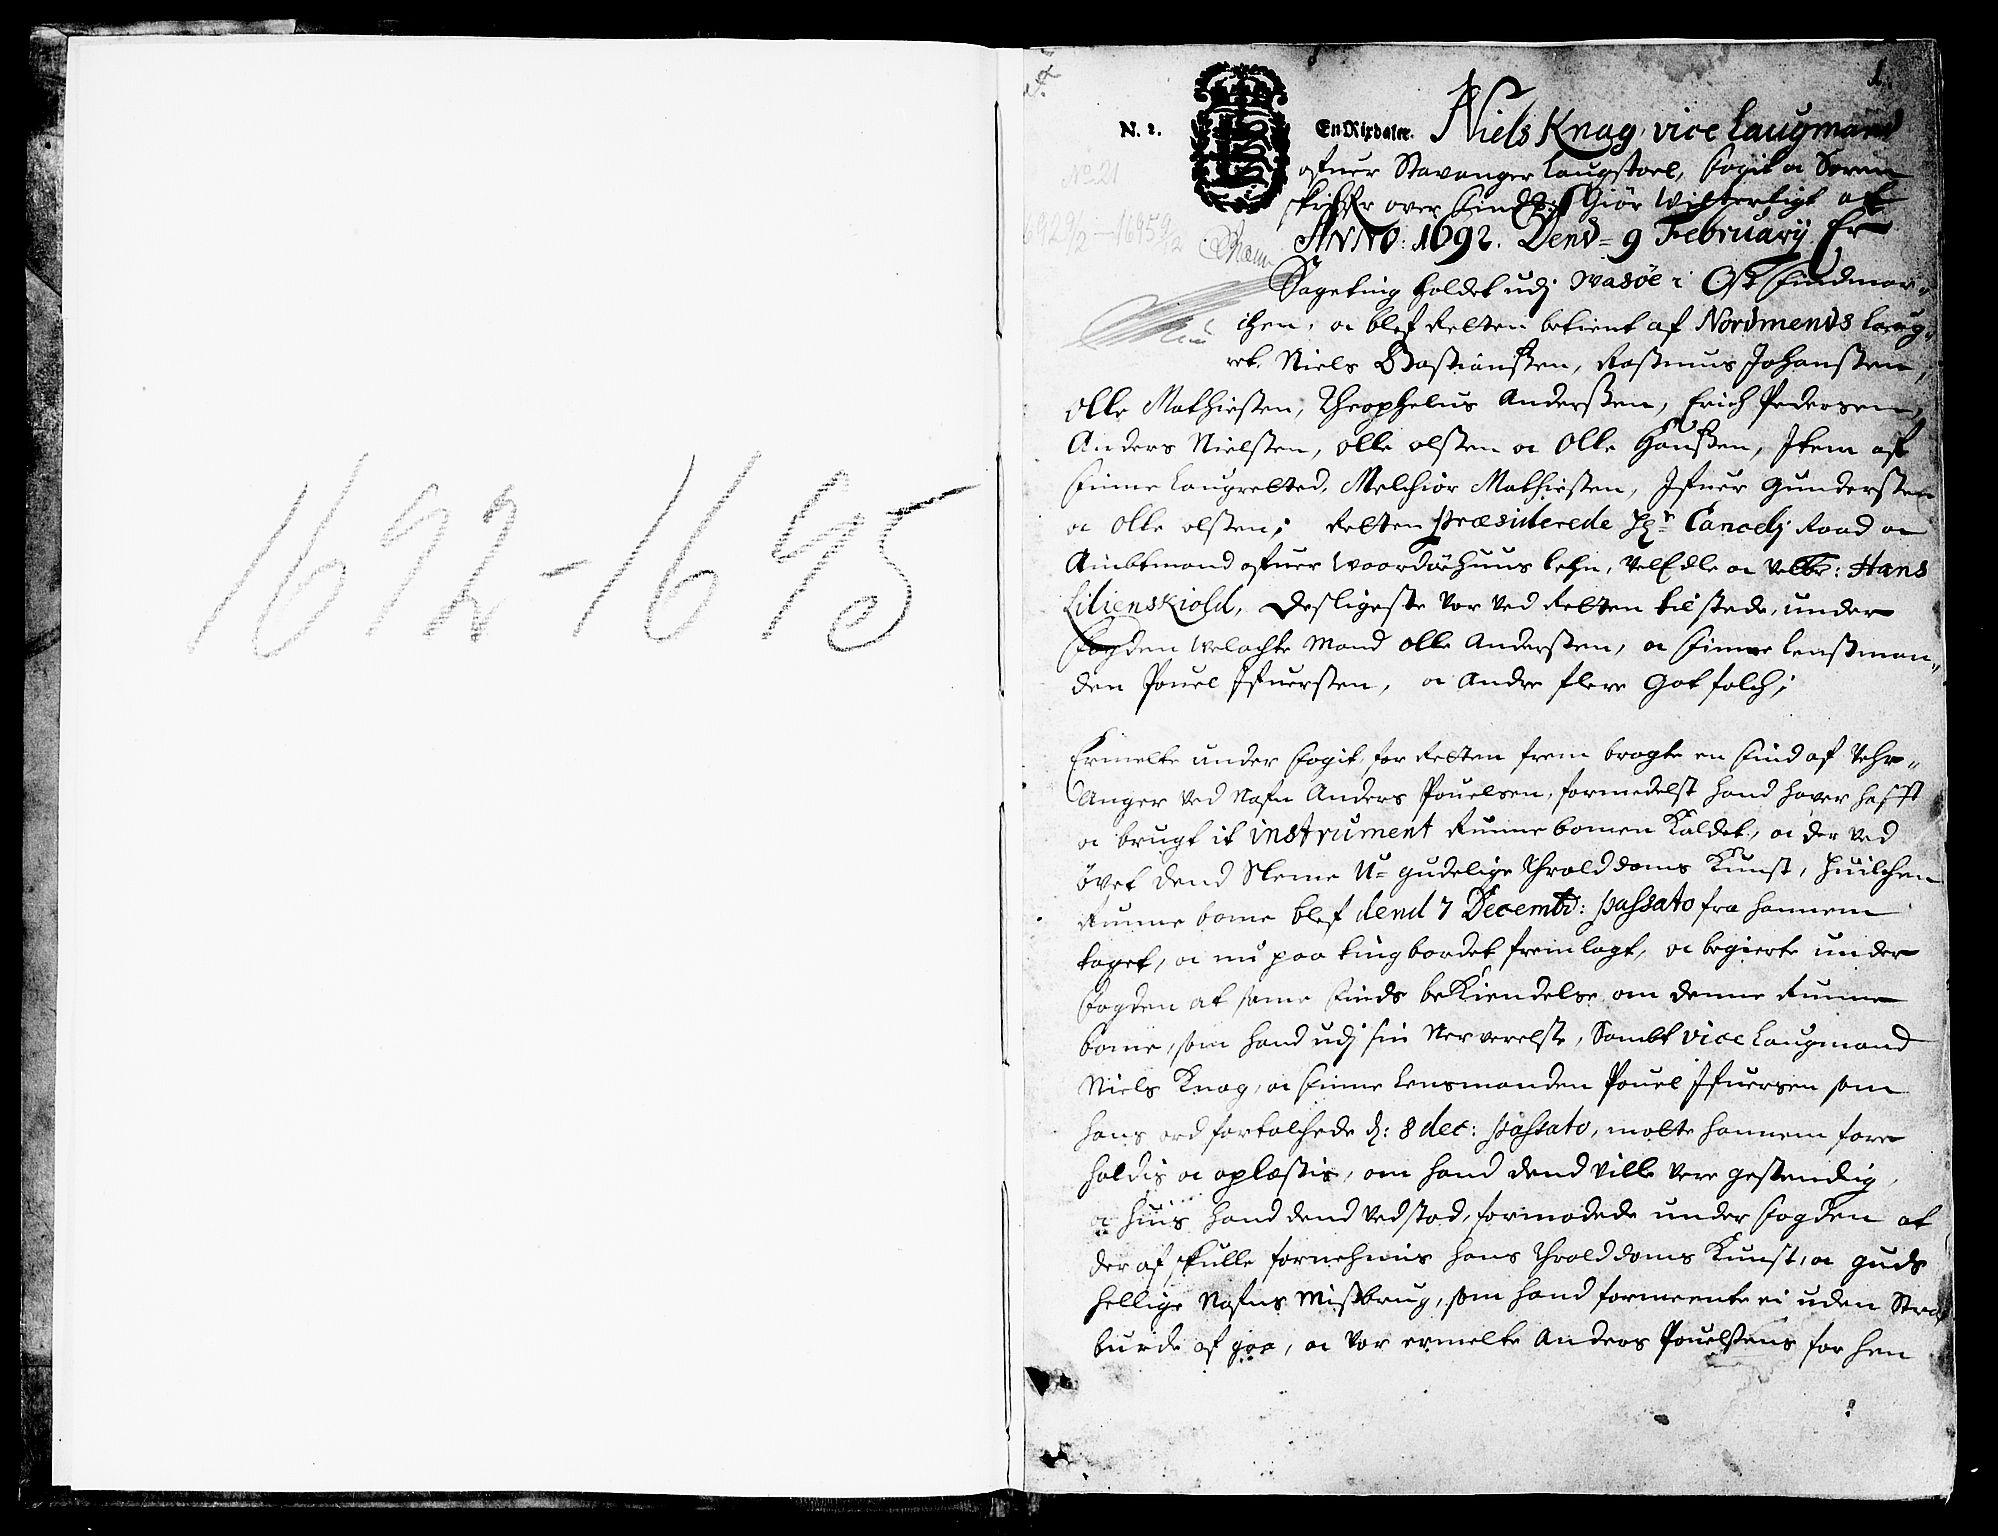 SATØ, Finnmark sorenskriveri, F/Fa/L0025: Justisprotokoller, 1692-1695, p. 0b-1a